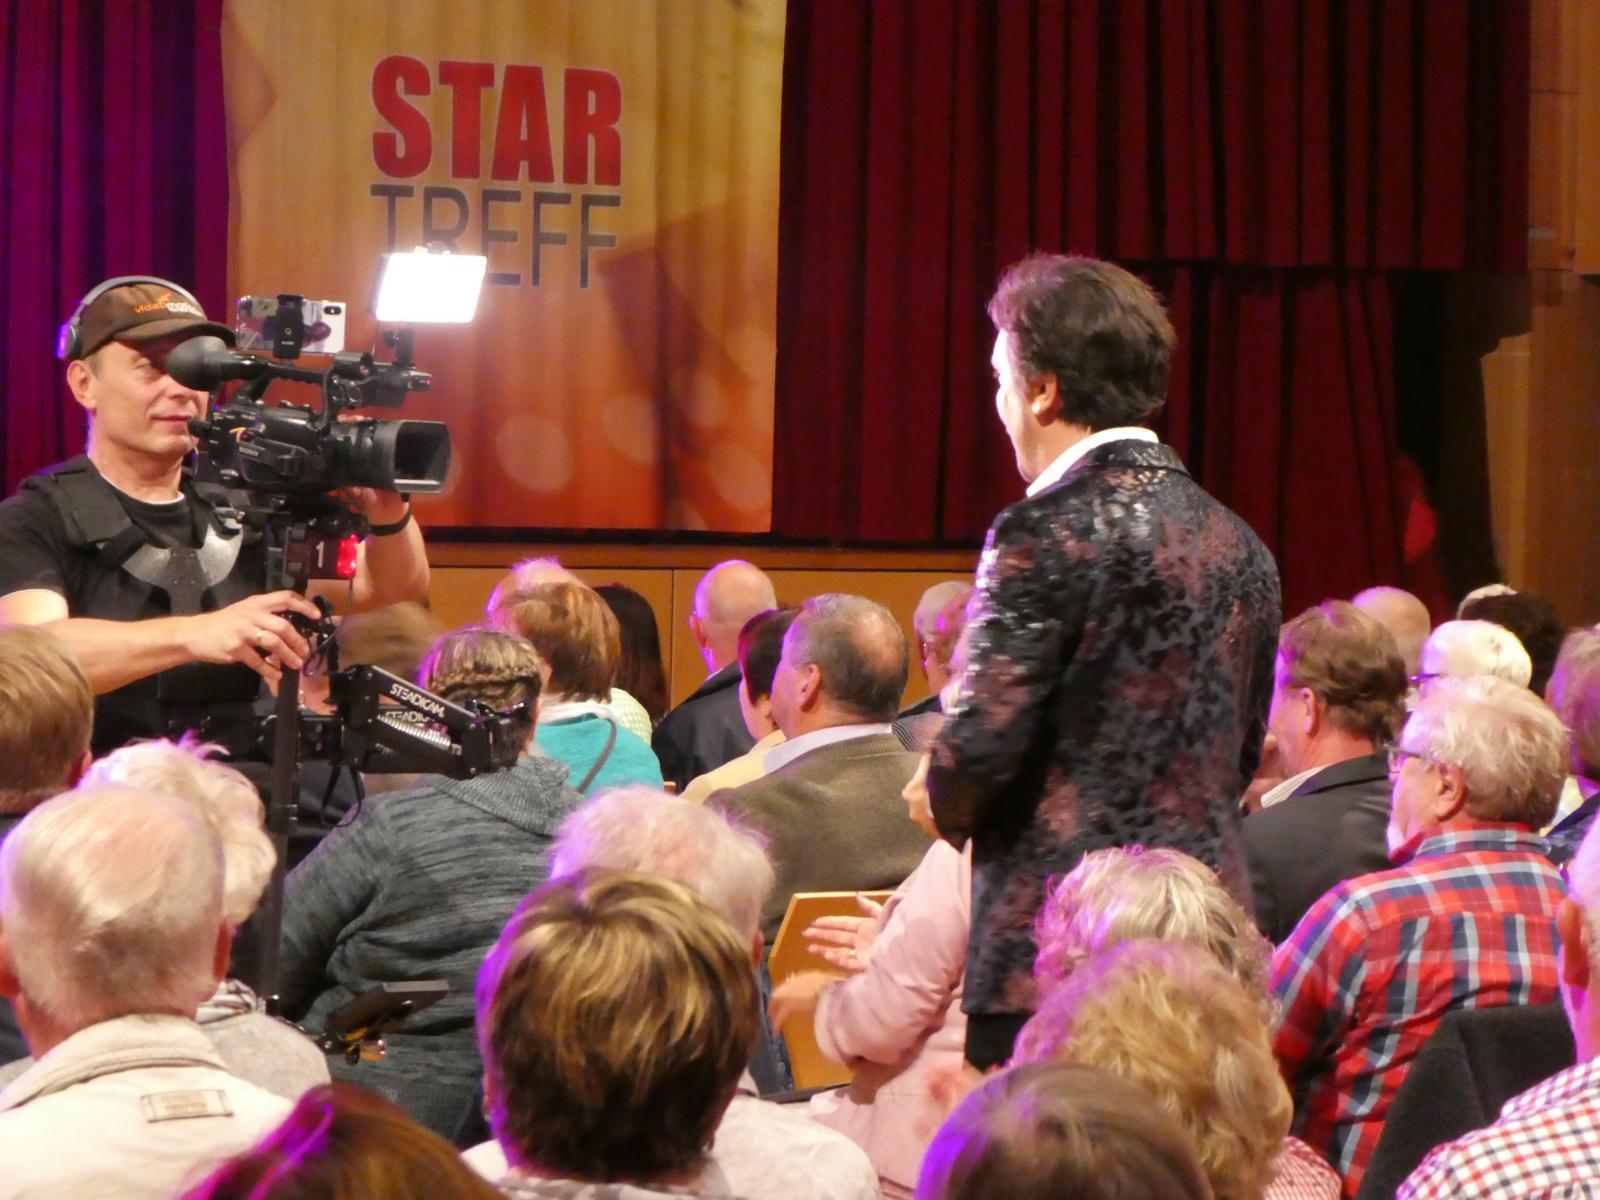 STAR-TREFF TV-Aufzeichnung